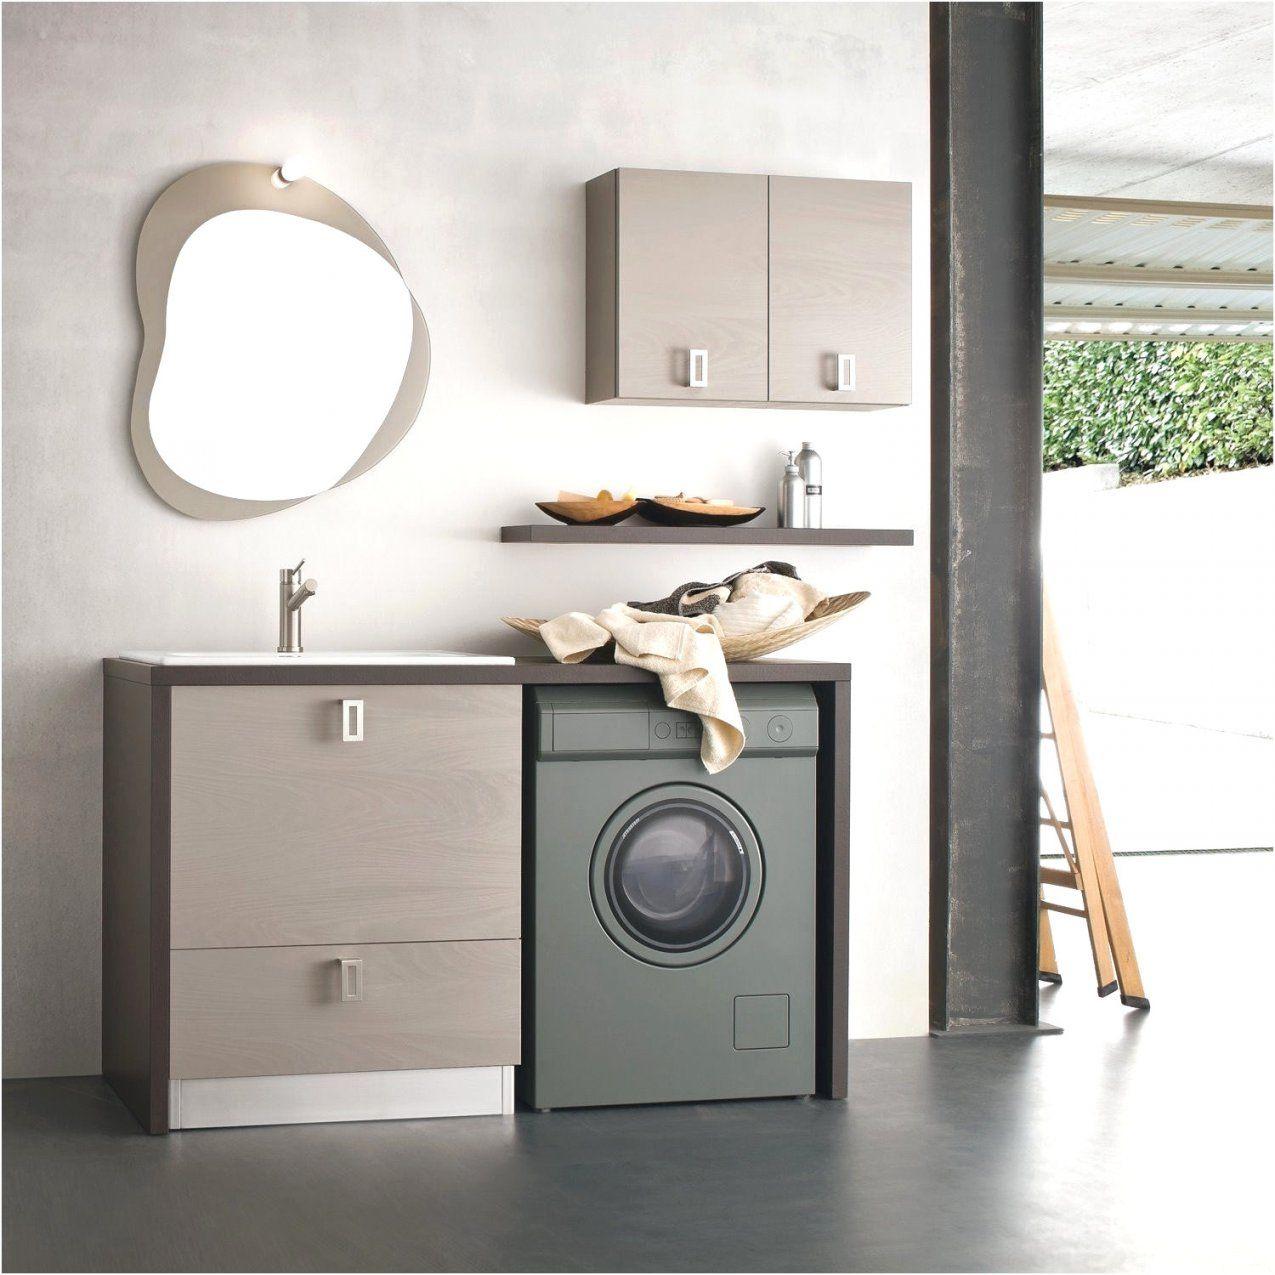 Waschmaschine Im Badezimmer Integrieren Mit Awesome In Der Kche von Waschmaschine Im Bad Integrieren Bild